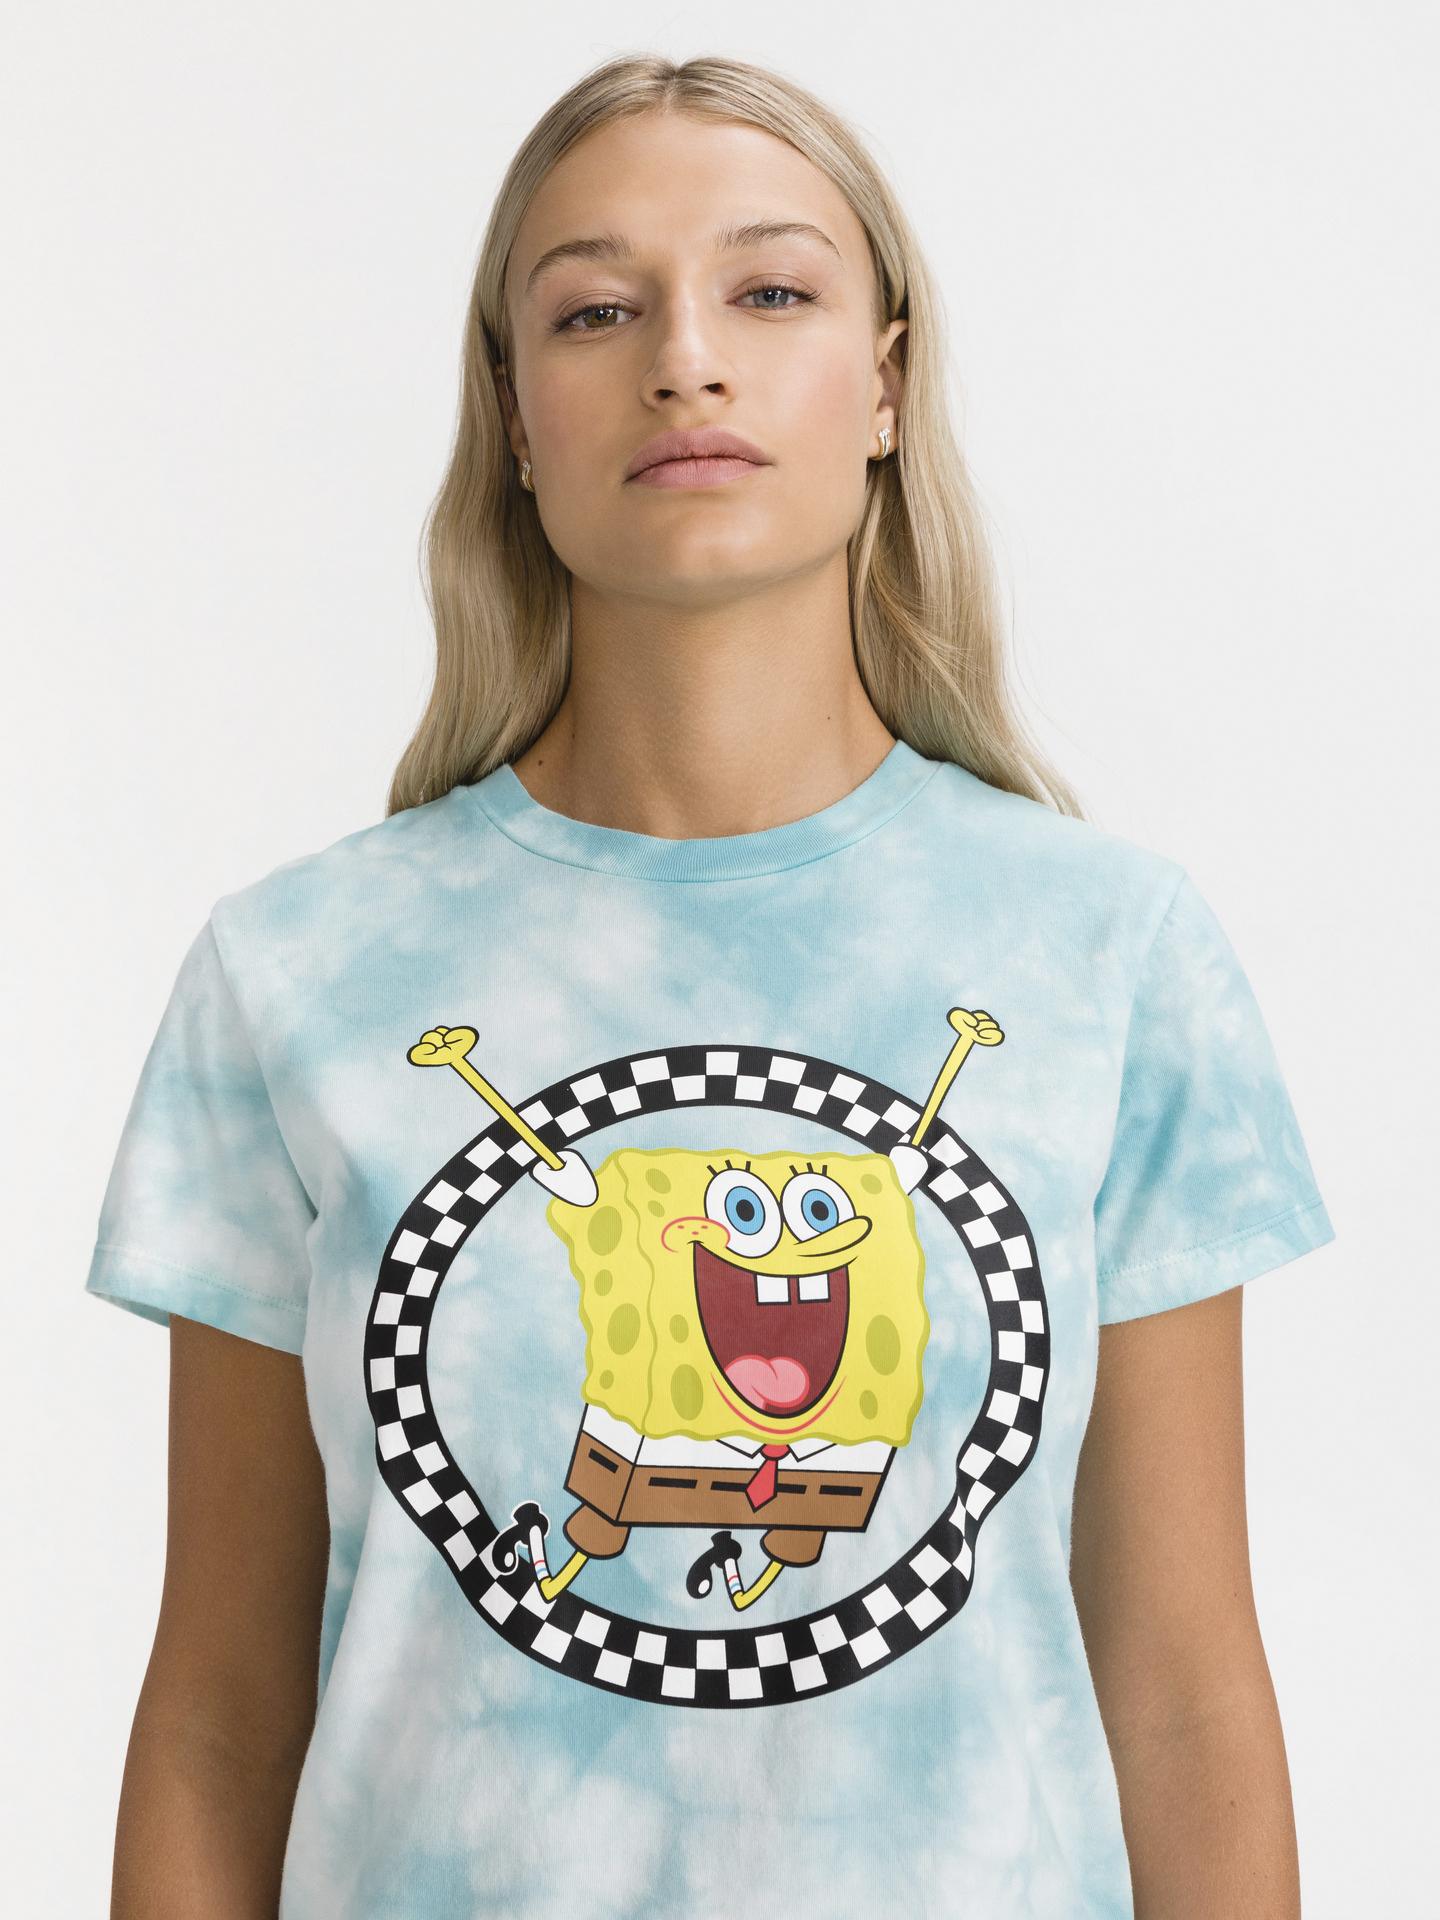 Vans modra majica SpongeBob